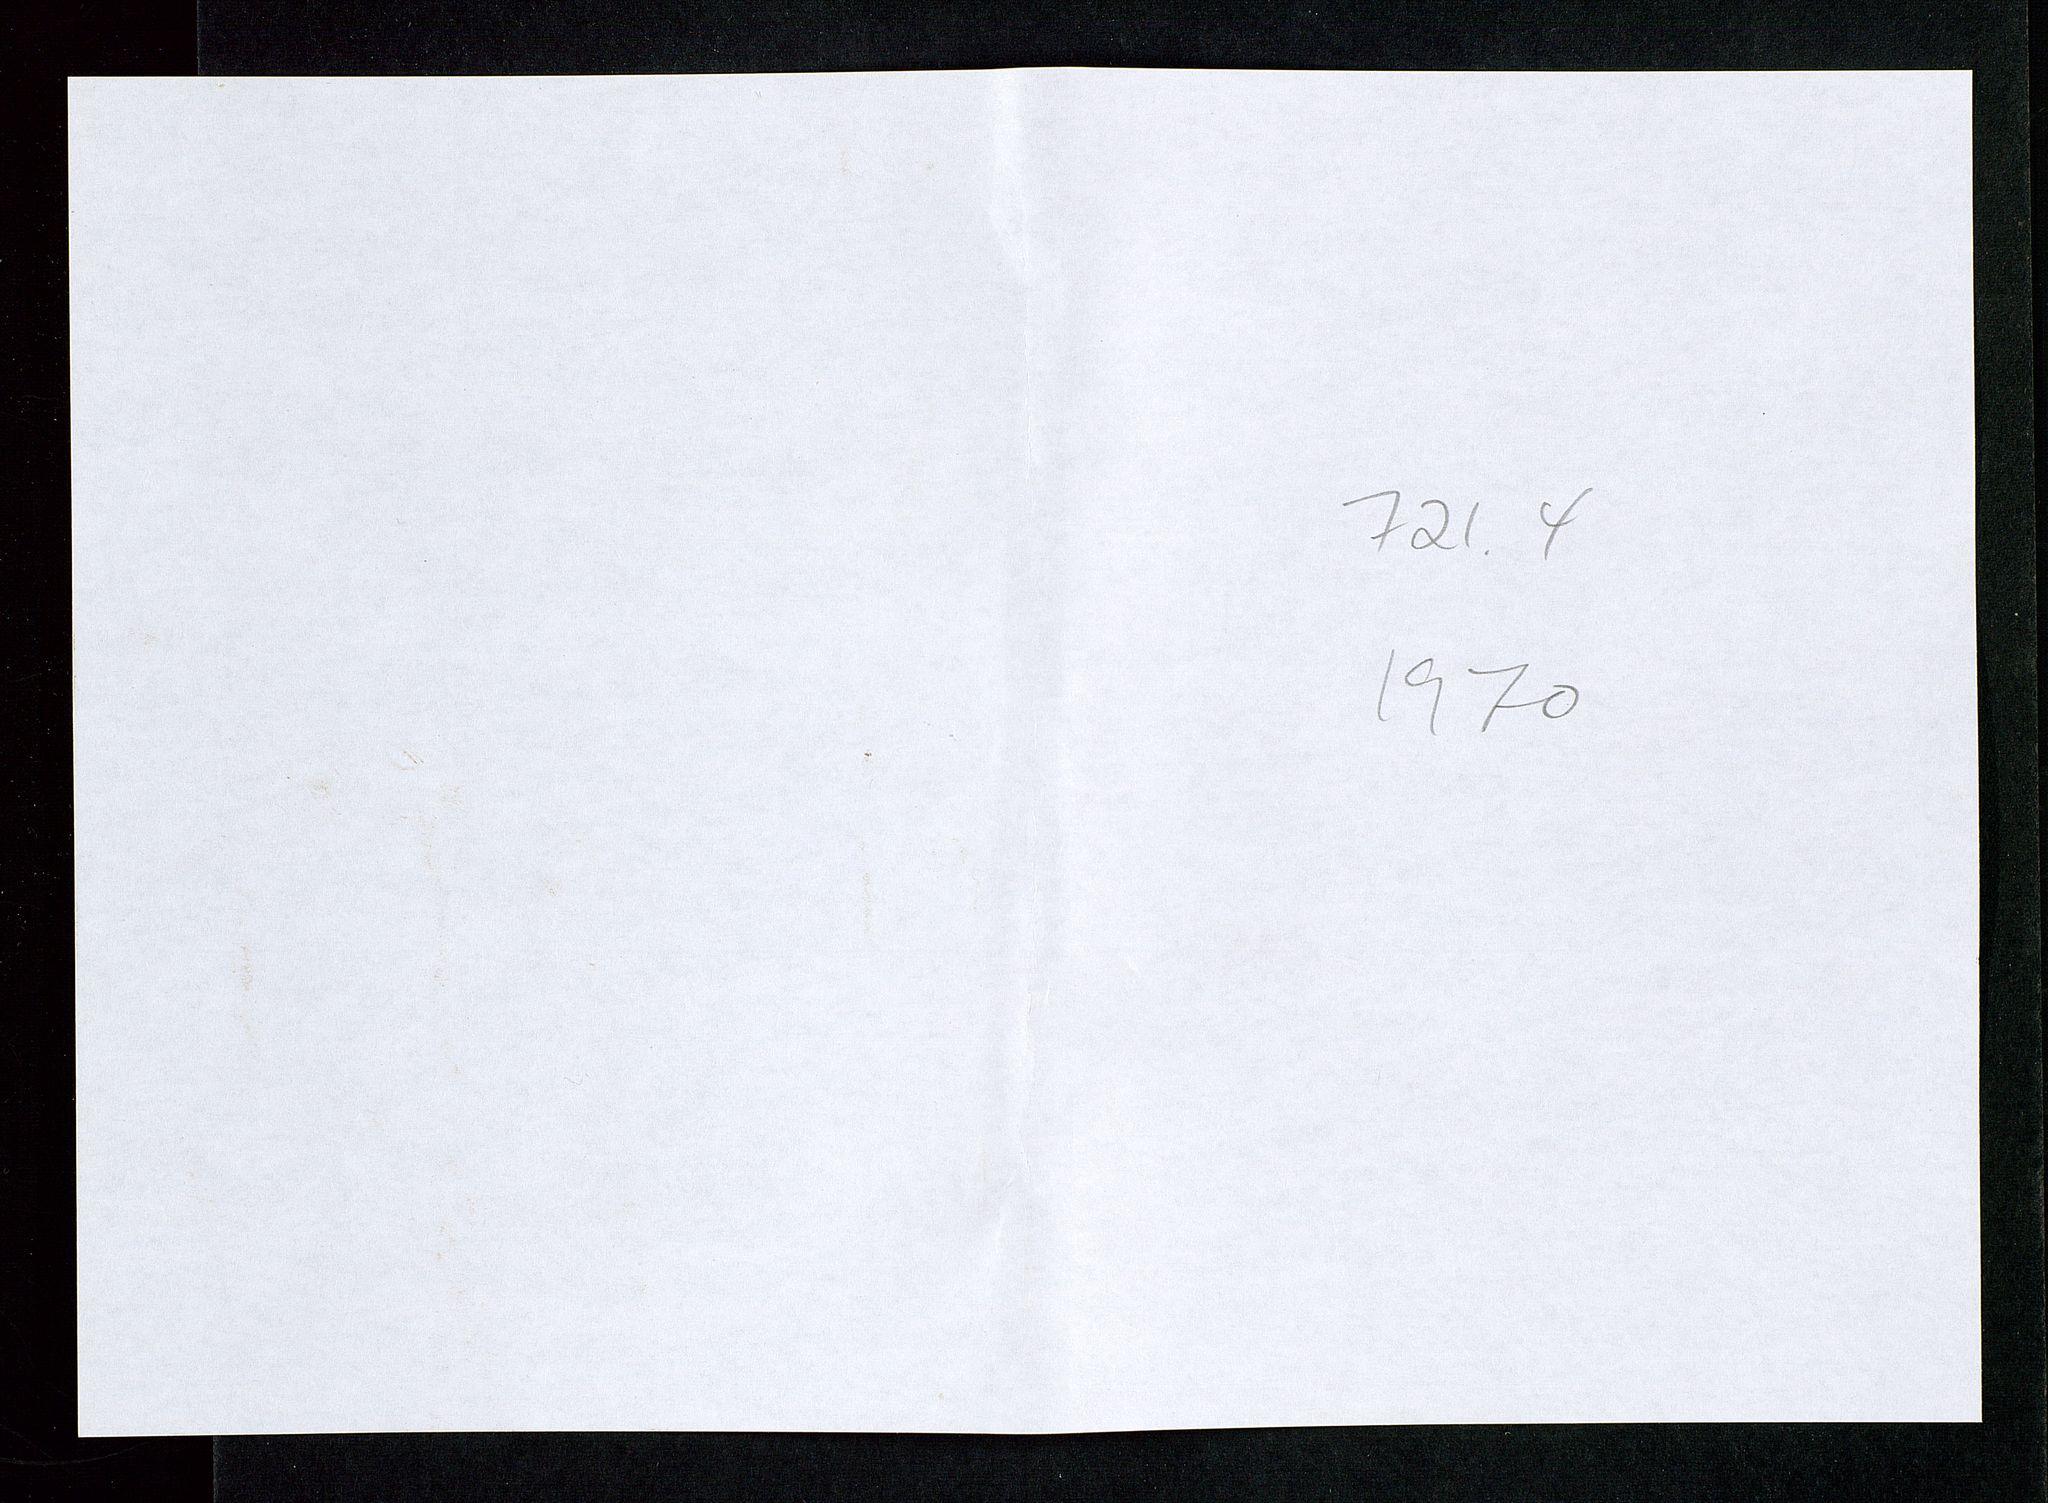 SAST, Industridepartementet, Oljekontoret, Da/L0008:  Arkivnøkkel 721- 722 Geofysikk, forskning, 1970-1972, s. 113